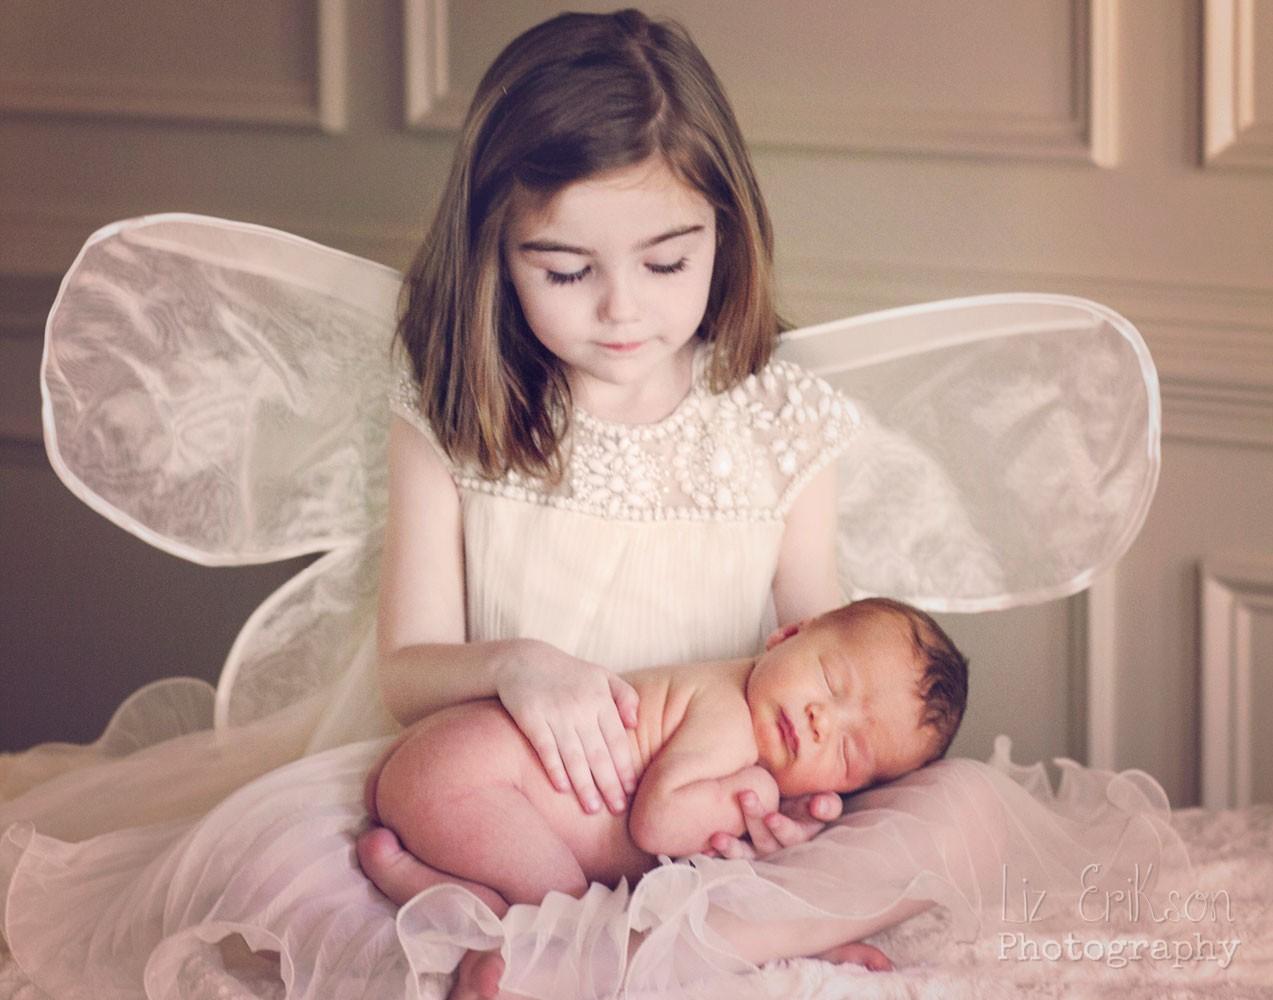 Newborn Photography by Liz Erikson